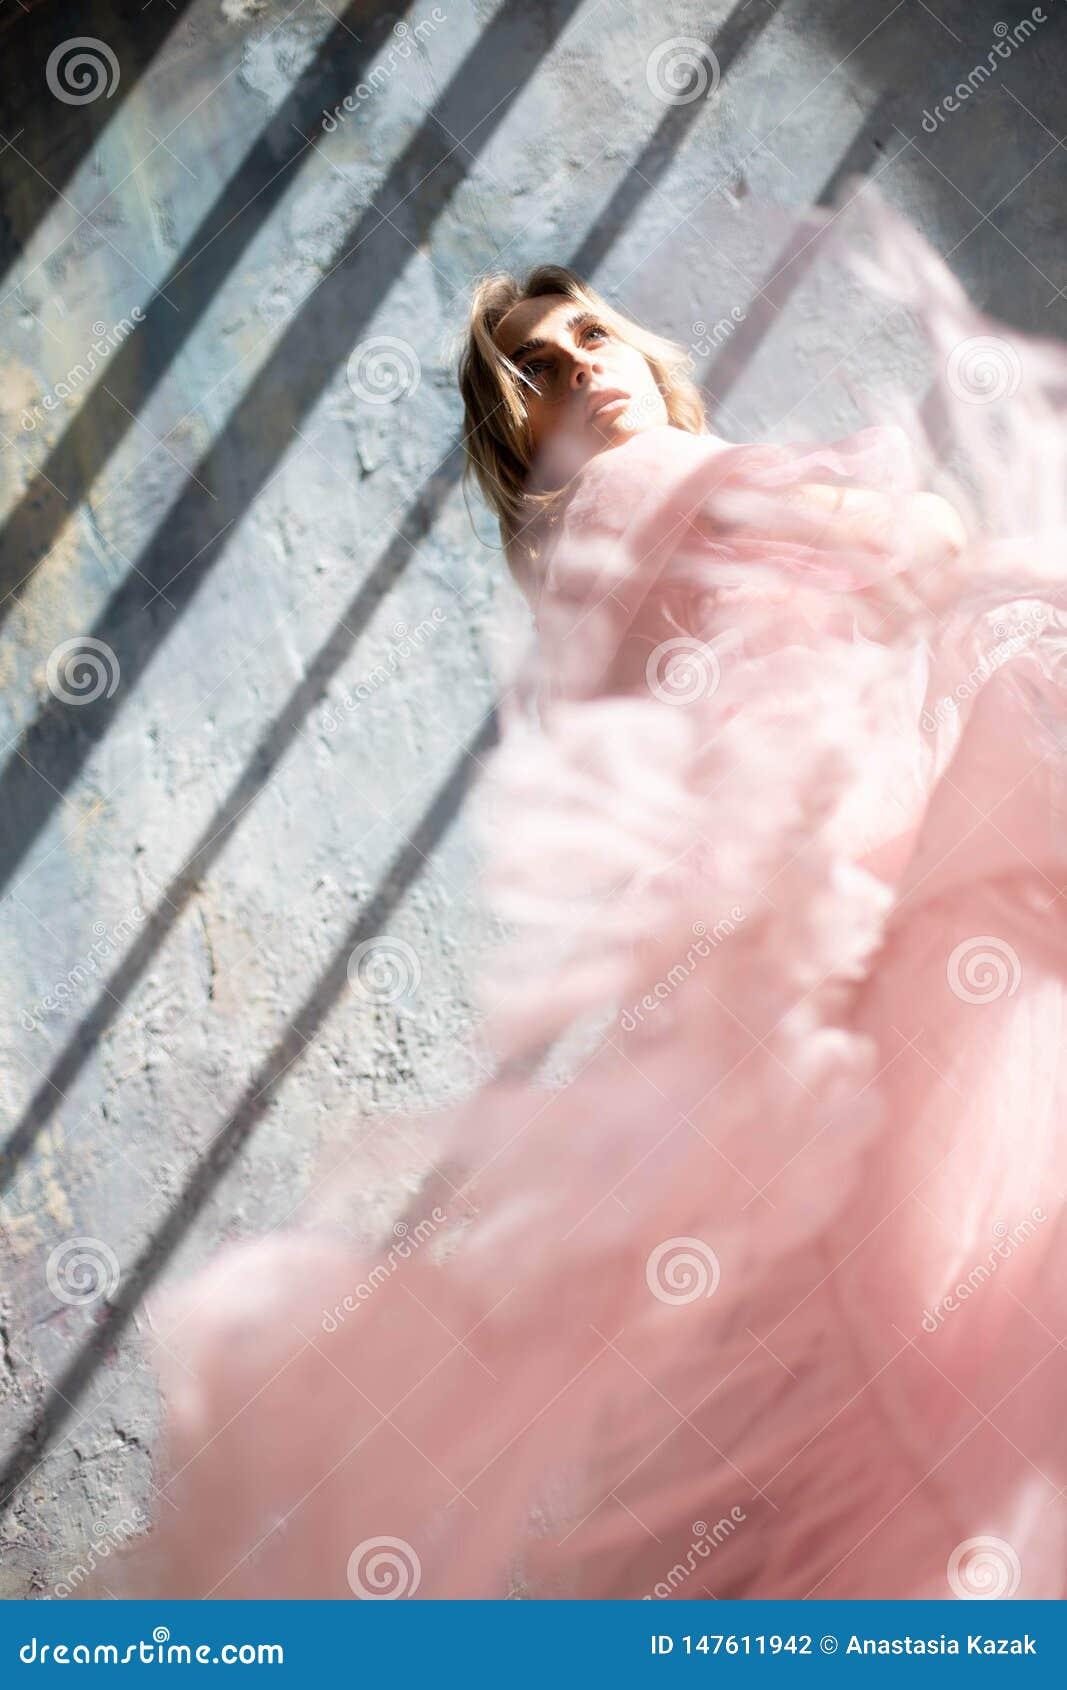 Modell in einem rosa Gl?ttungskleid